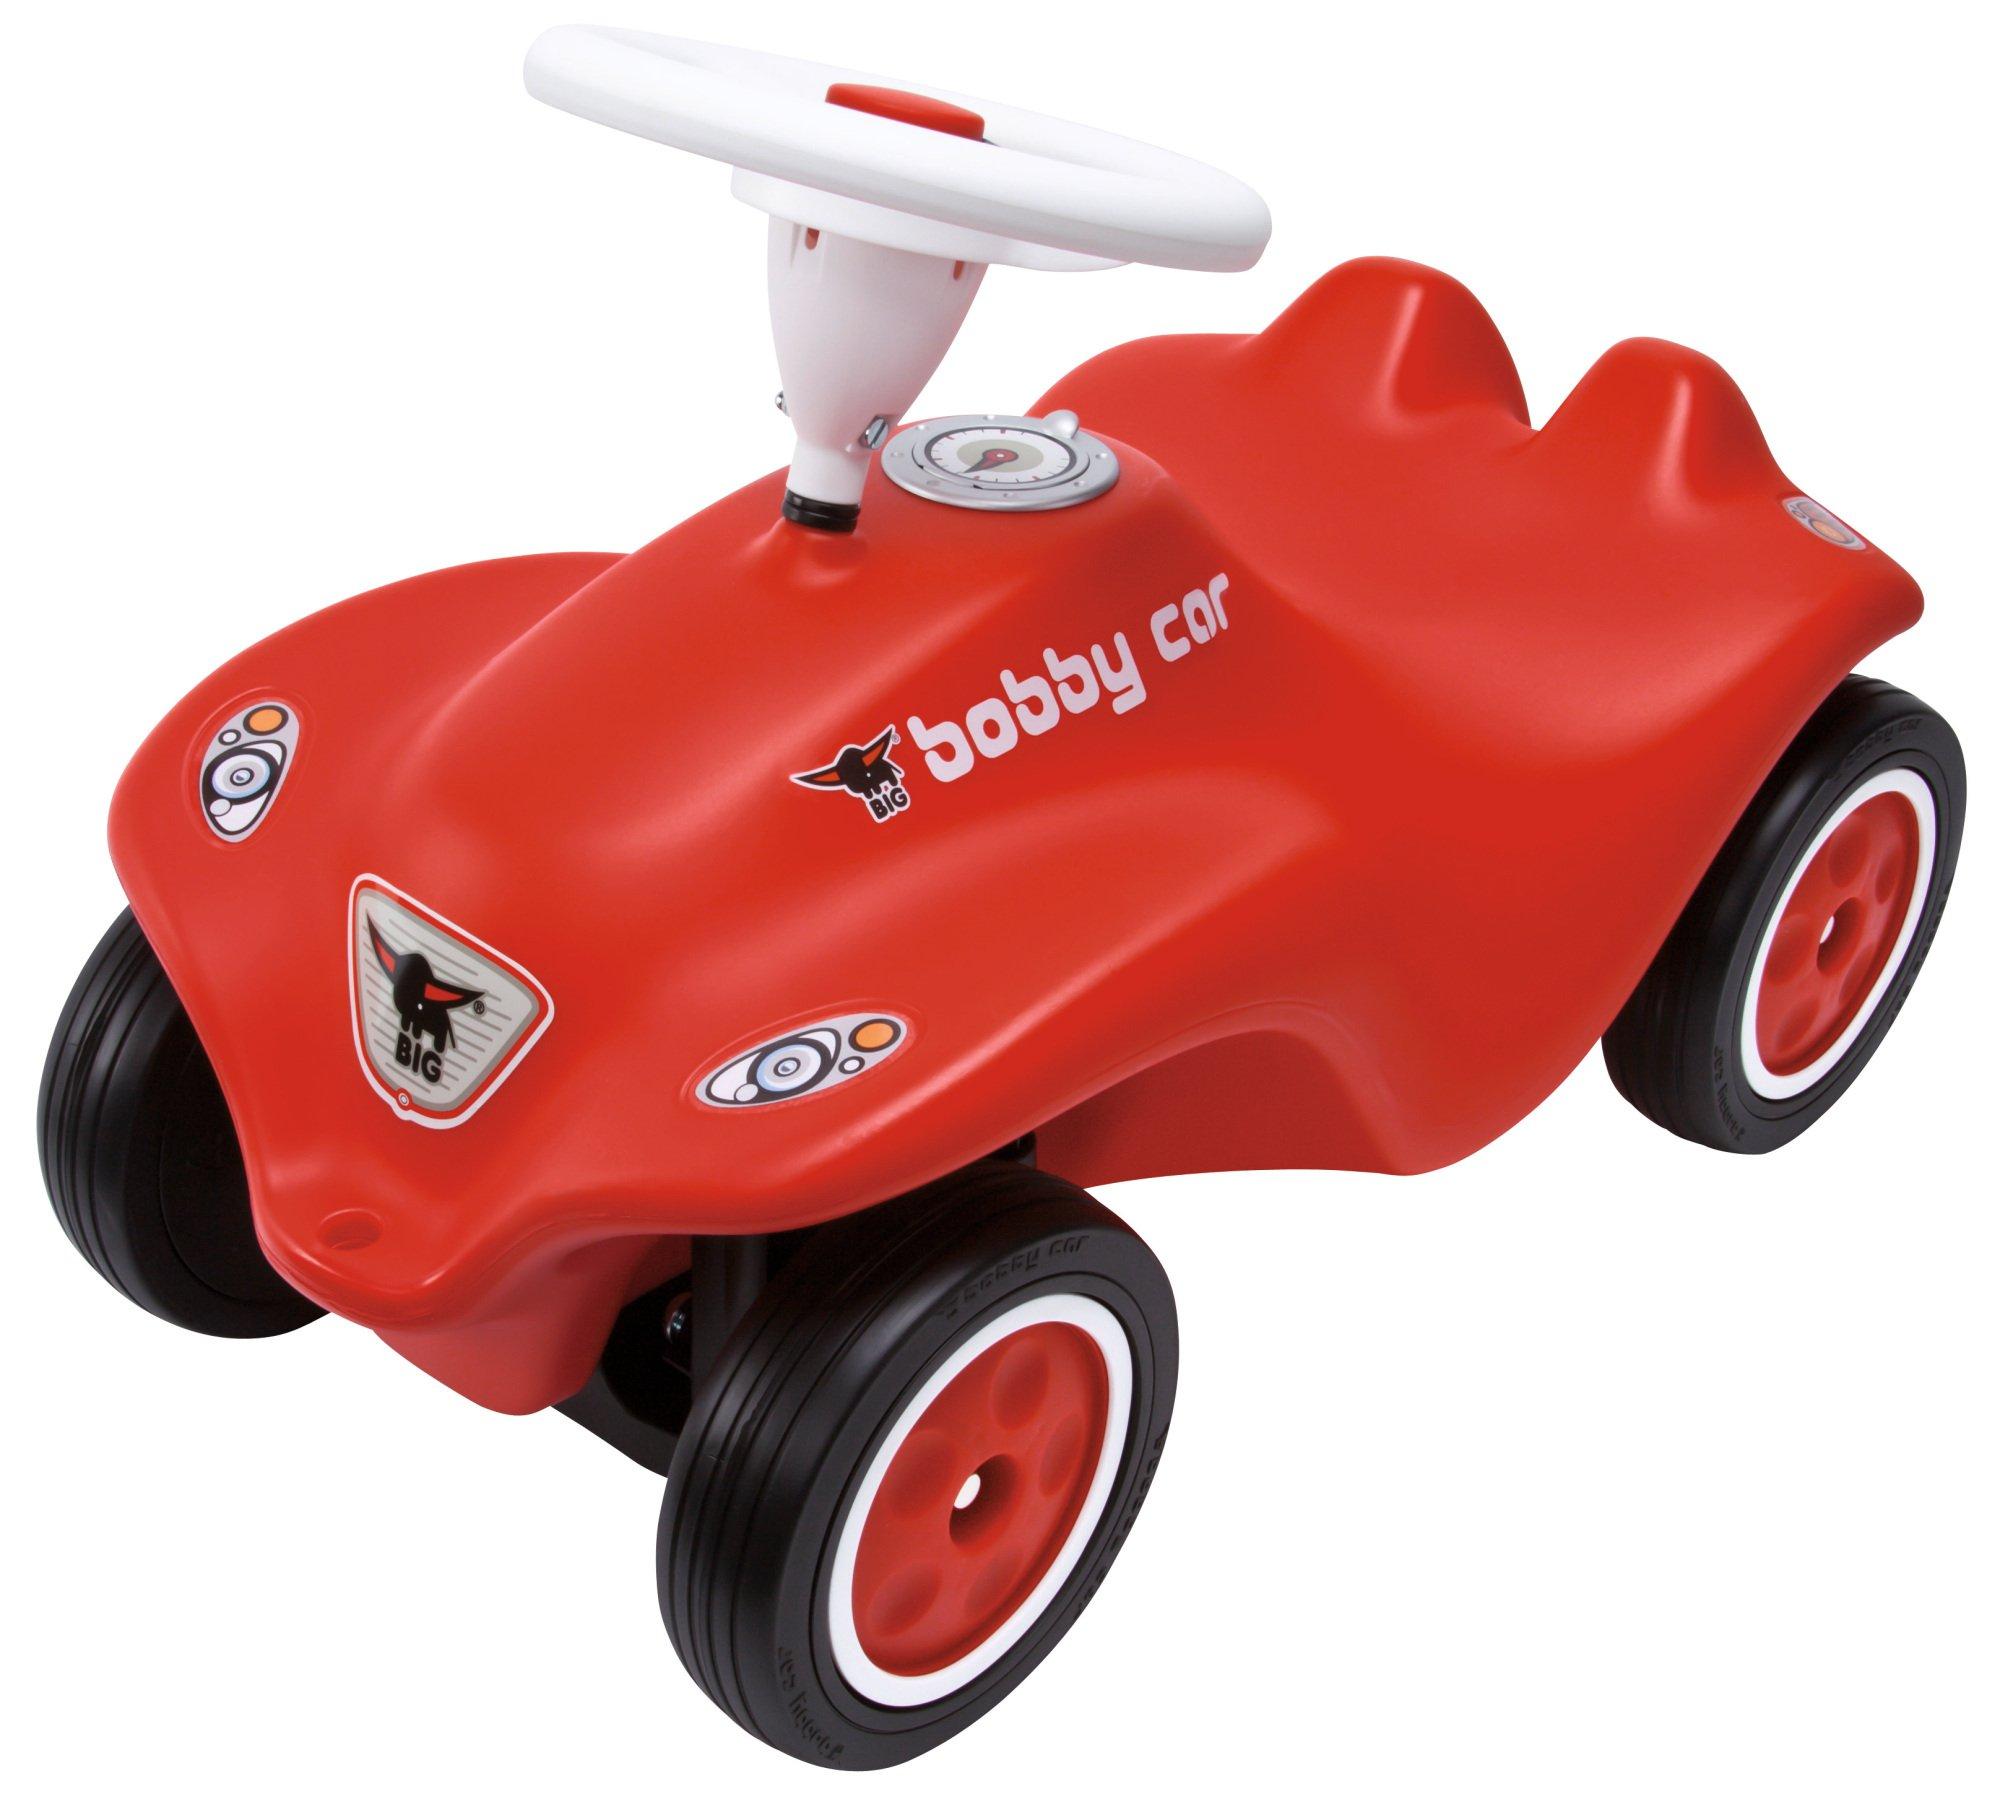 Spielzeug FleißIg Bobby Car Classic Kinderfahrzeug